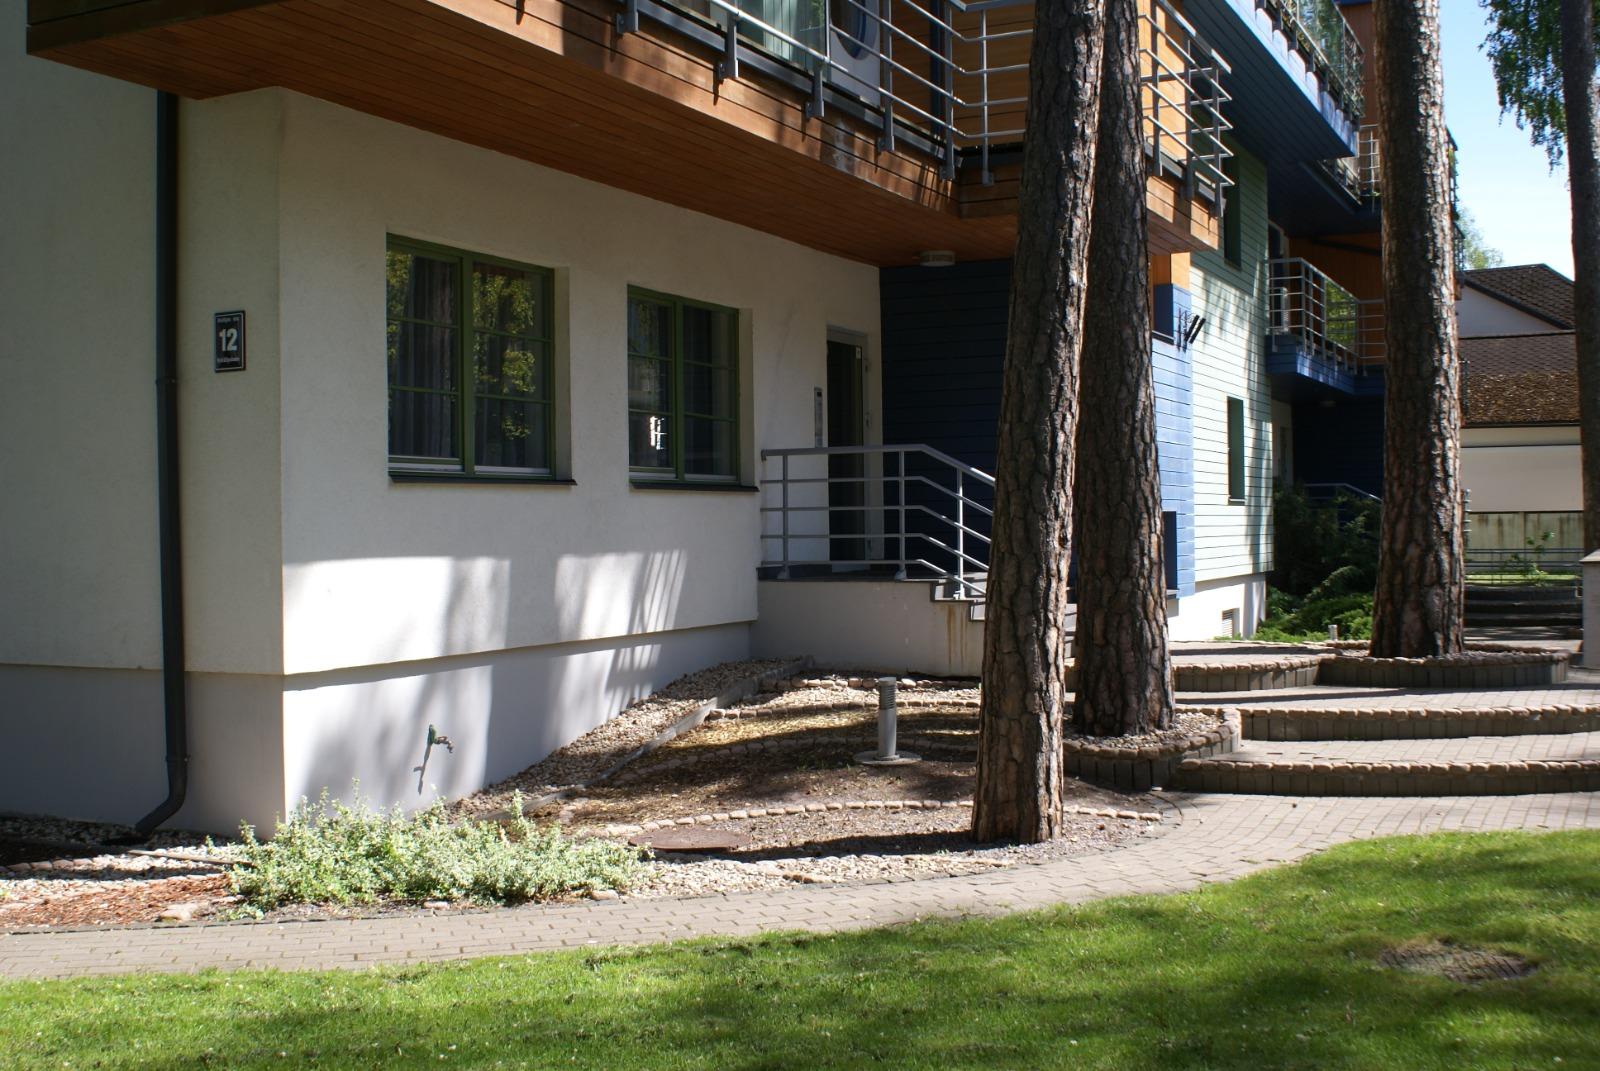 Сдаётся чистая и уютная квартира в новом проекте в Булдури